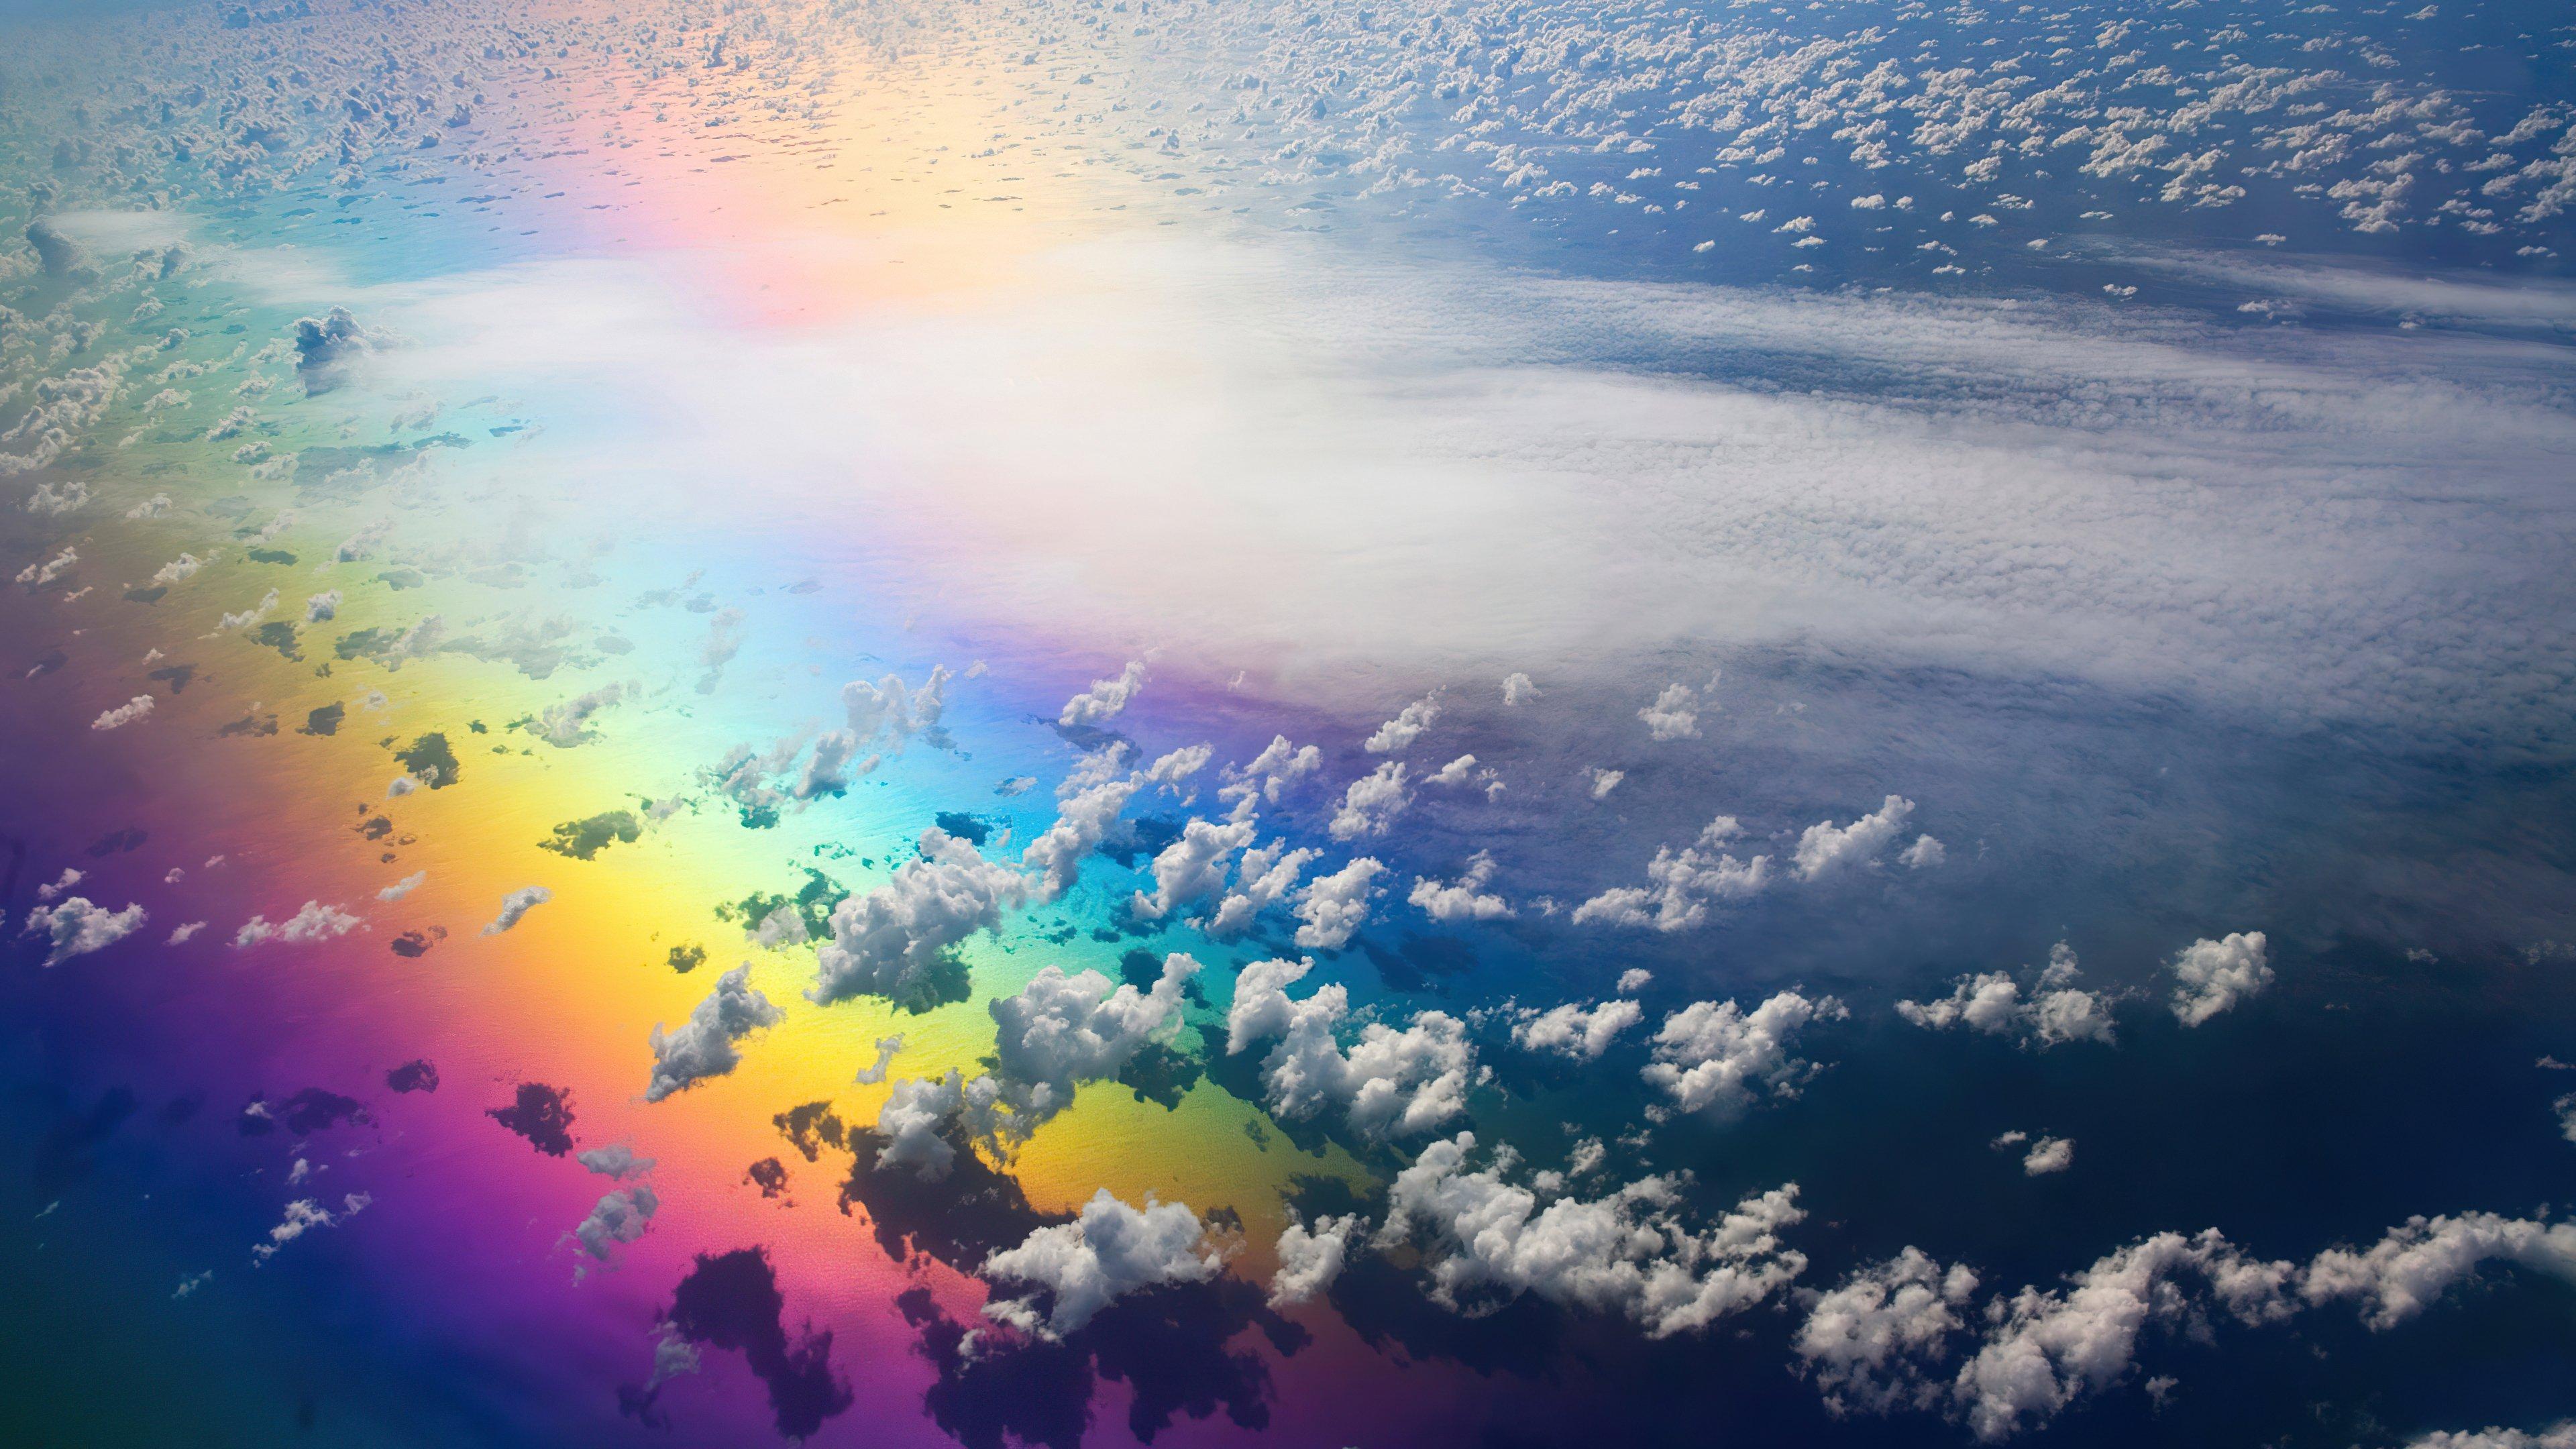 Fondos de pantalla Arcoiris en las nubes